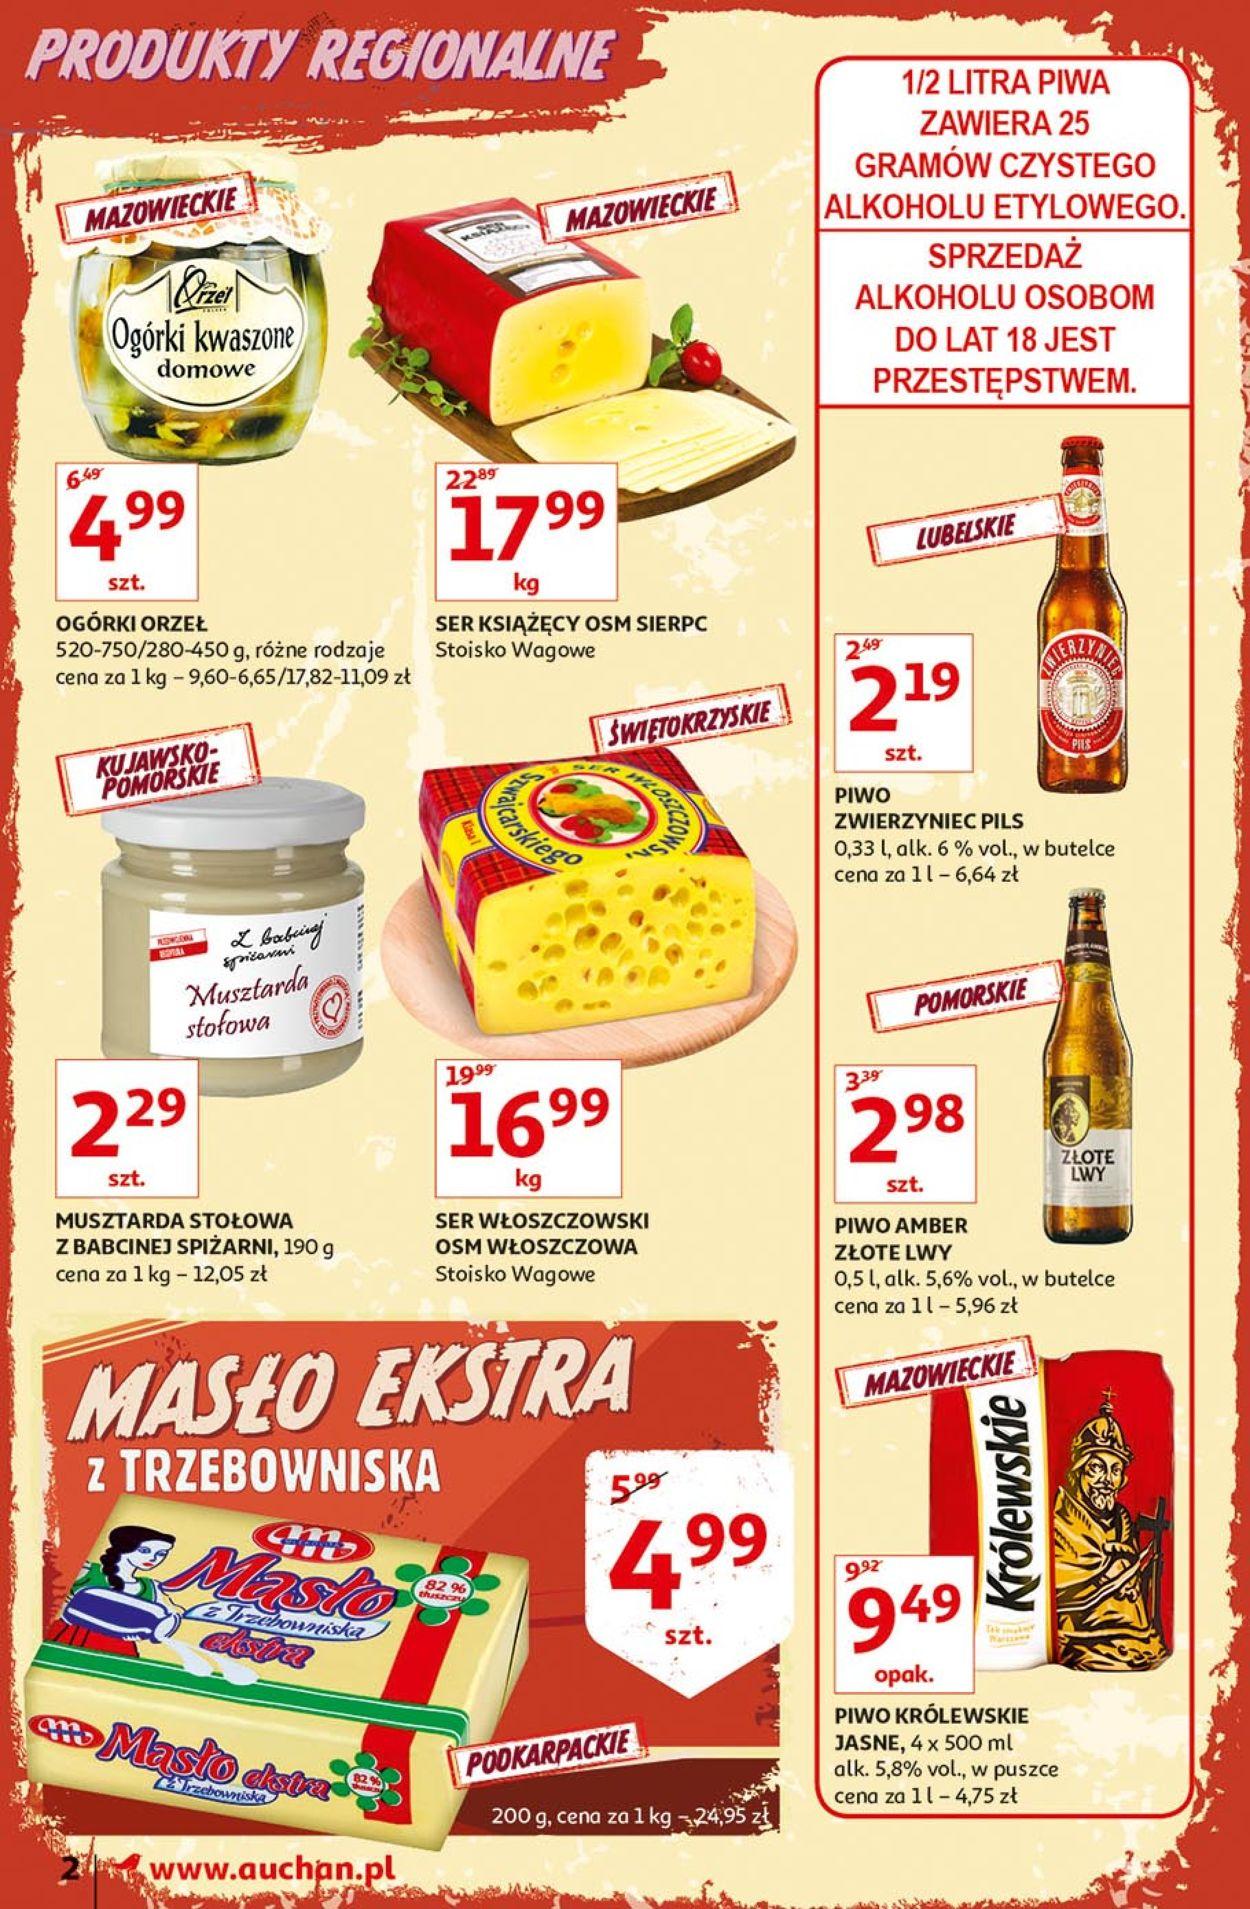 Gazetka promocyjna Auchan - 12.09-18.09.2019 (Strona 2)